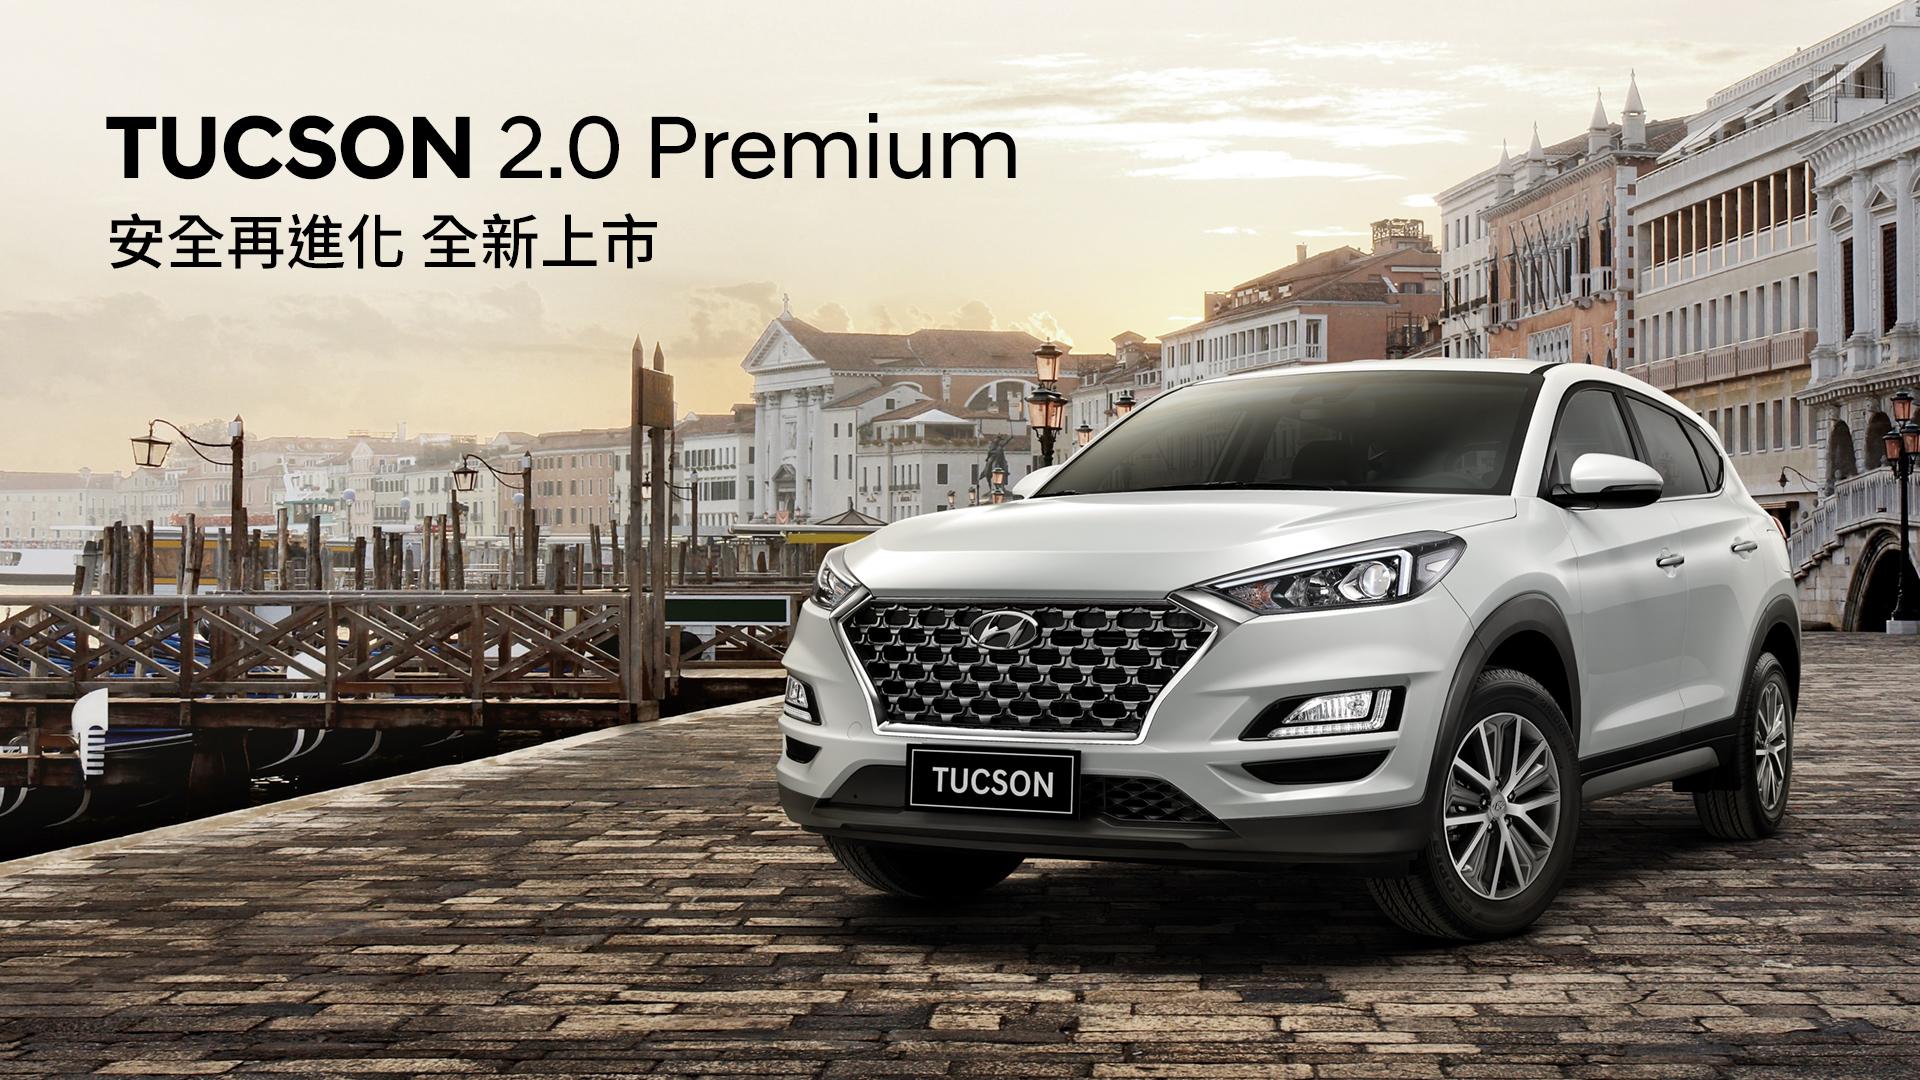 主打 CP 值,Hyundai Tucson 2.0 Premium豪華型 89.9 萬秀誠意